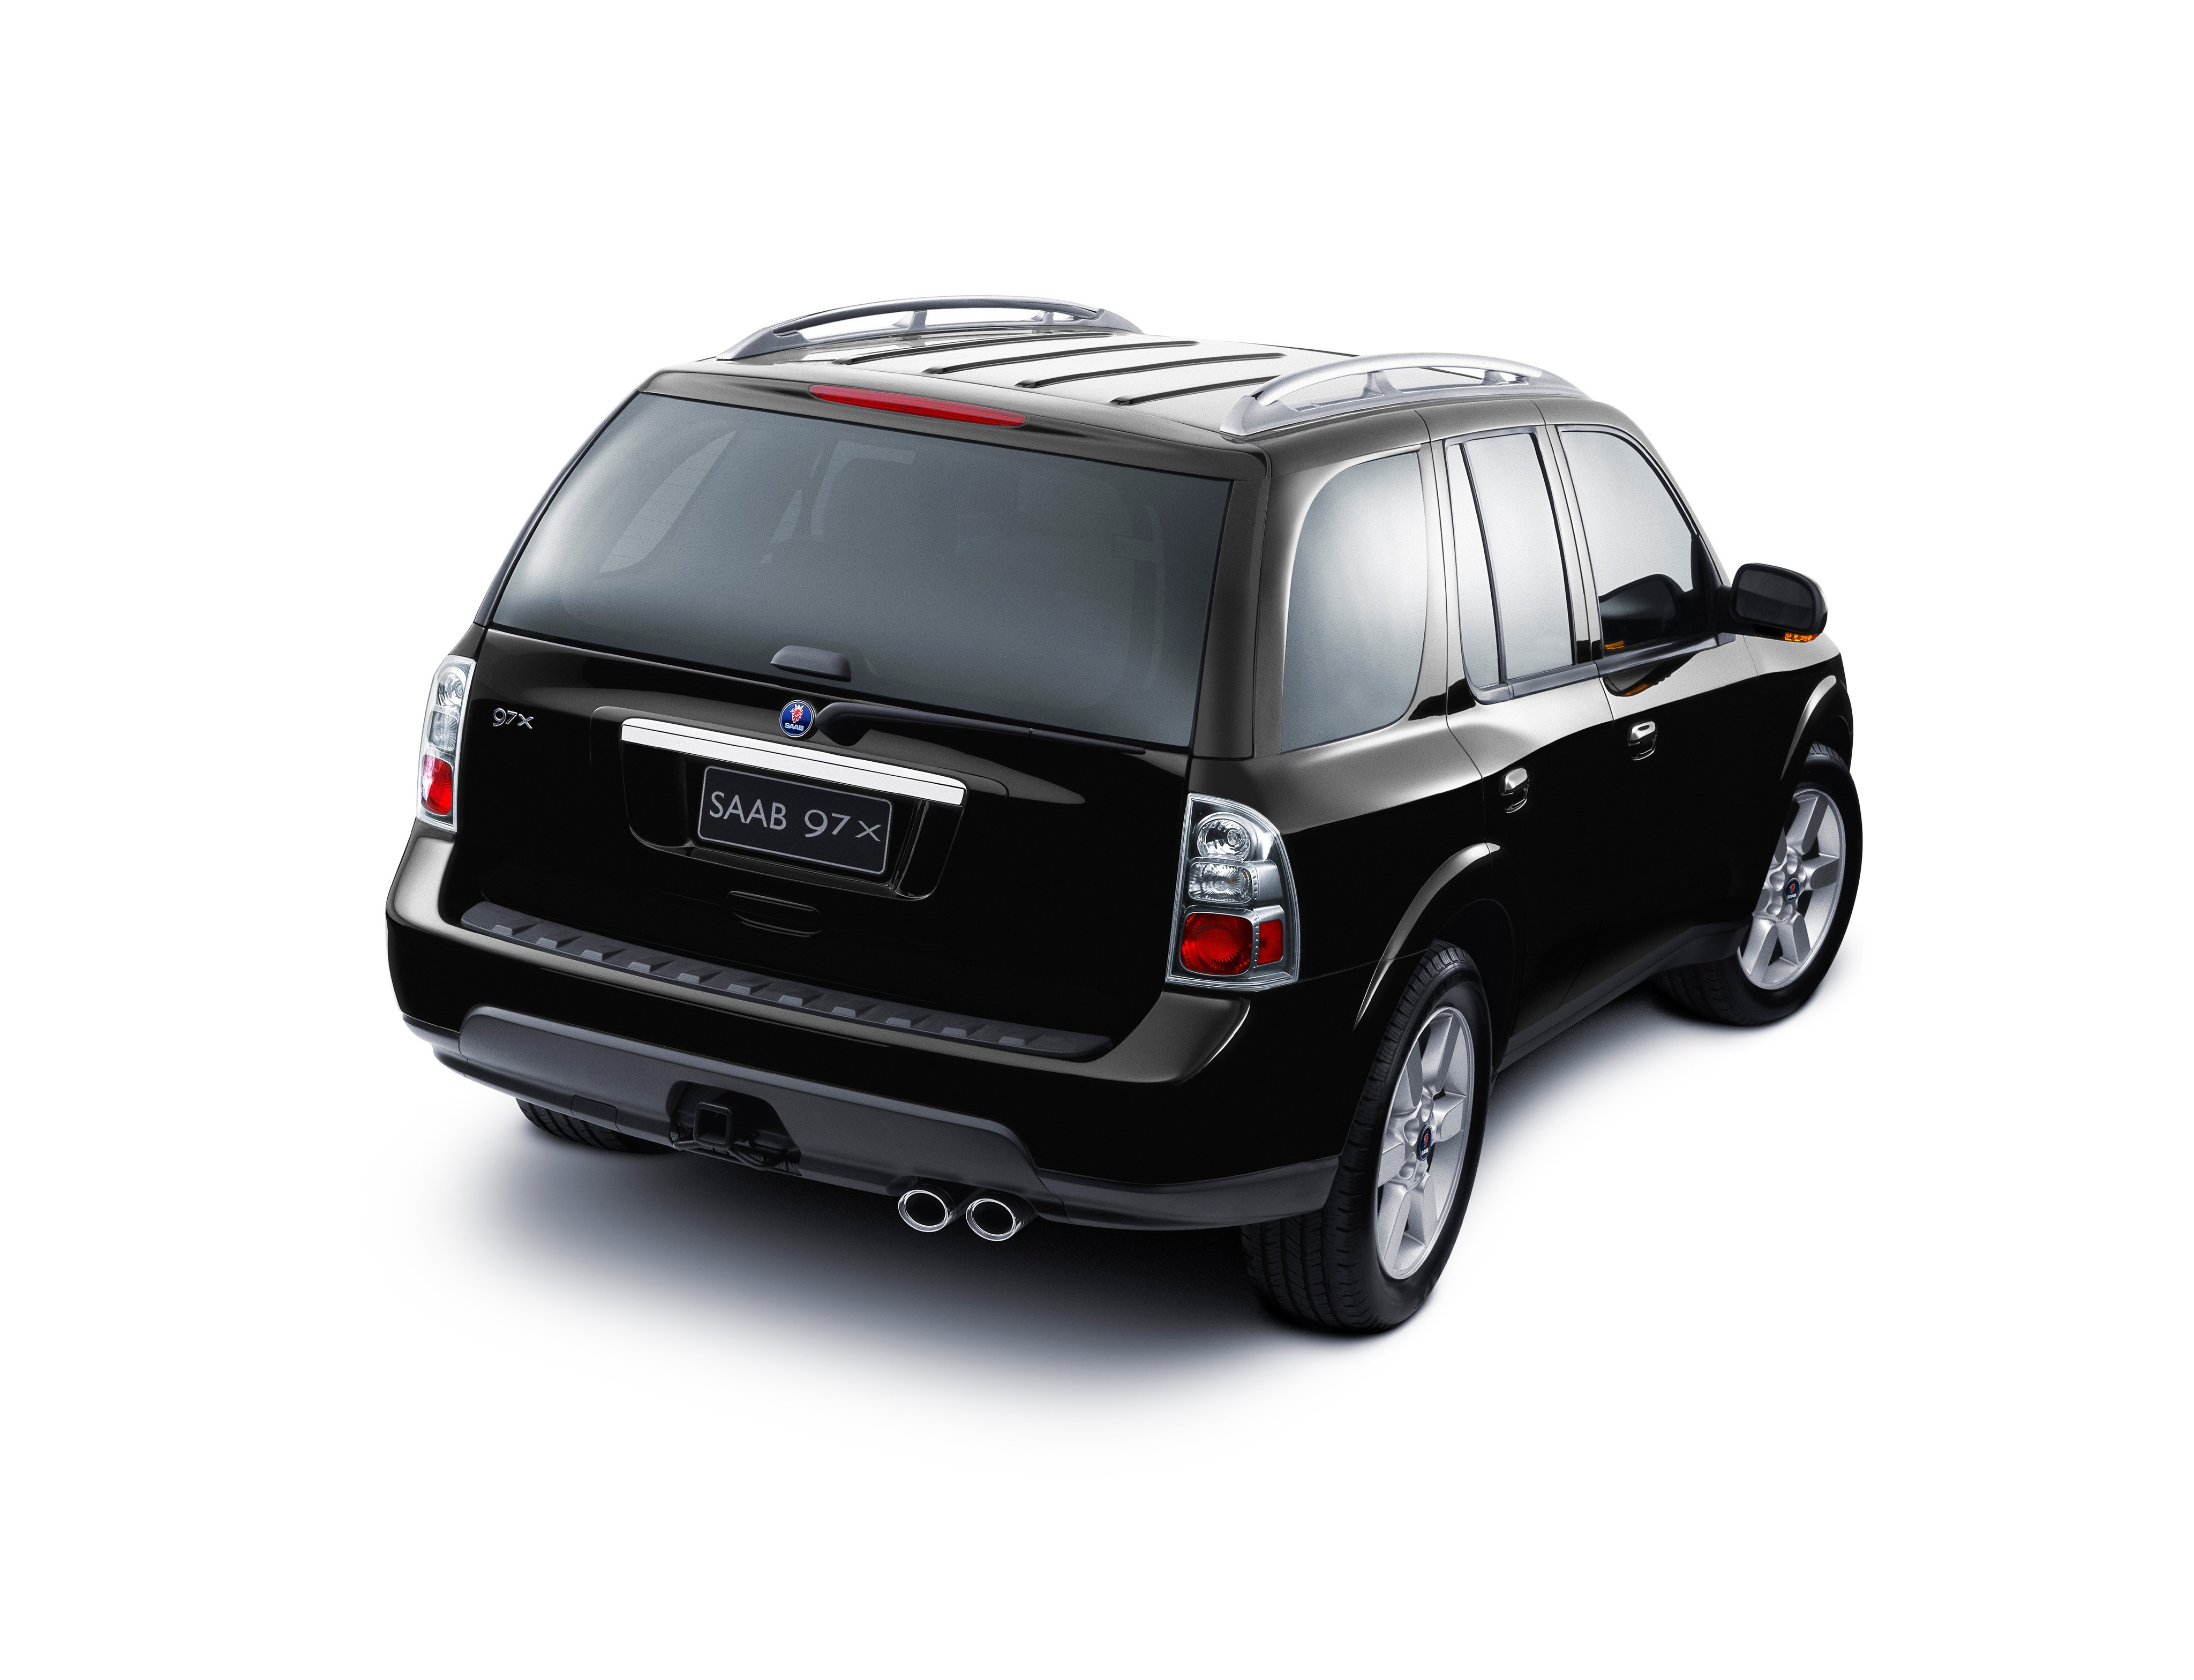 SAAB 9-7X - 2005, 2006, 2007, 2008 - autoevolution